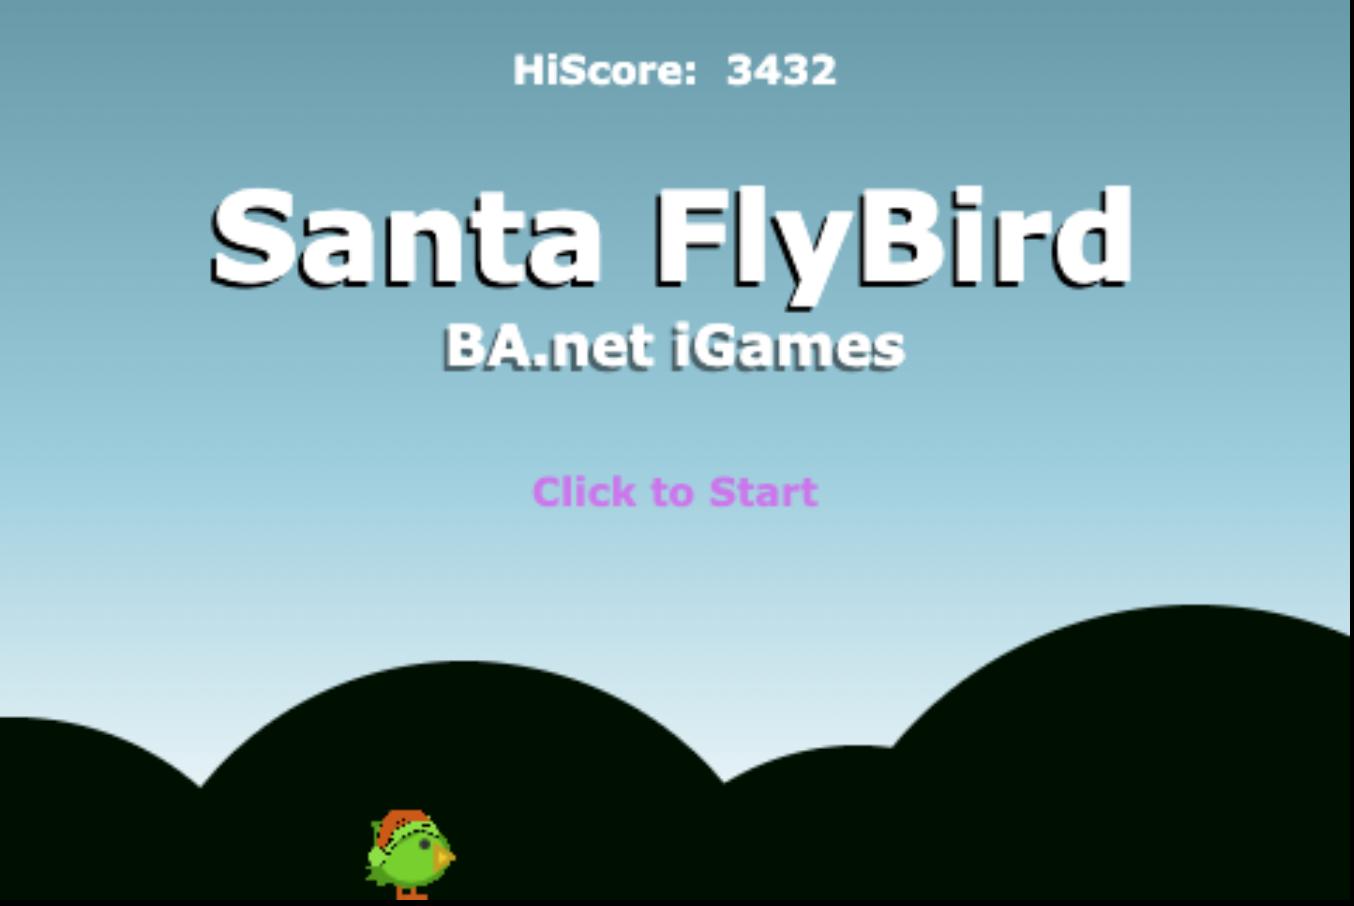 SantaFlyBird game